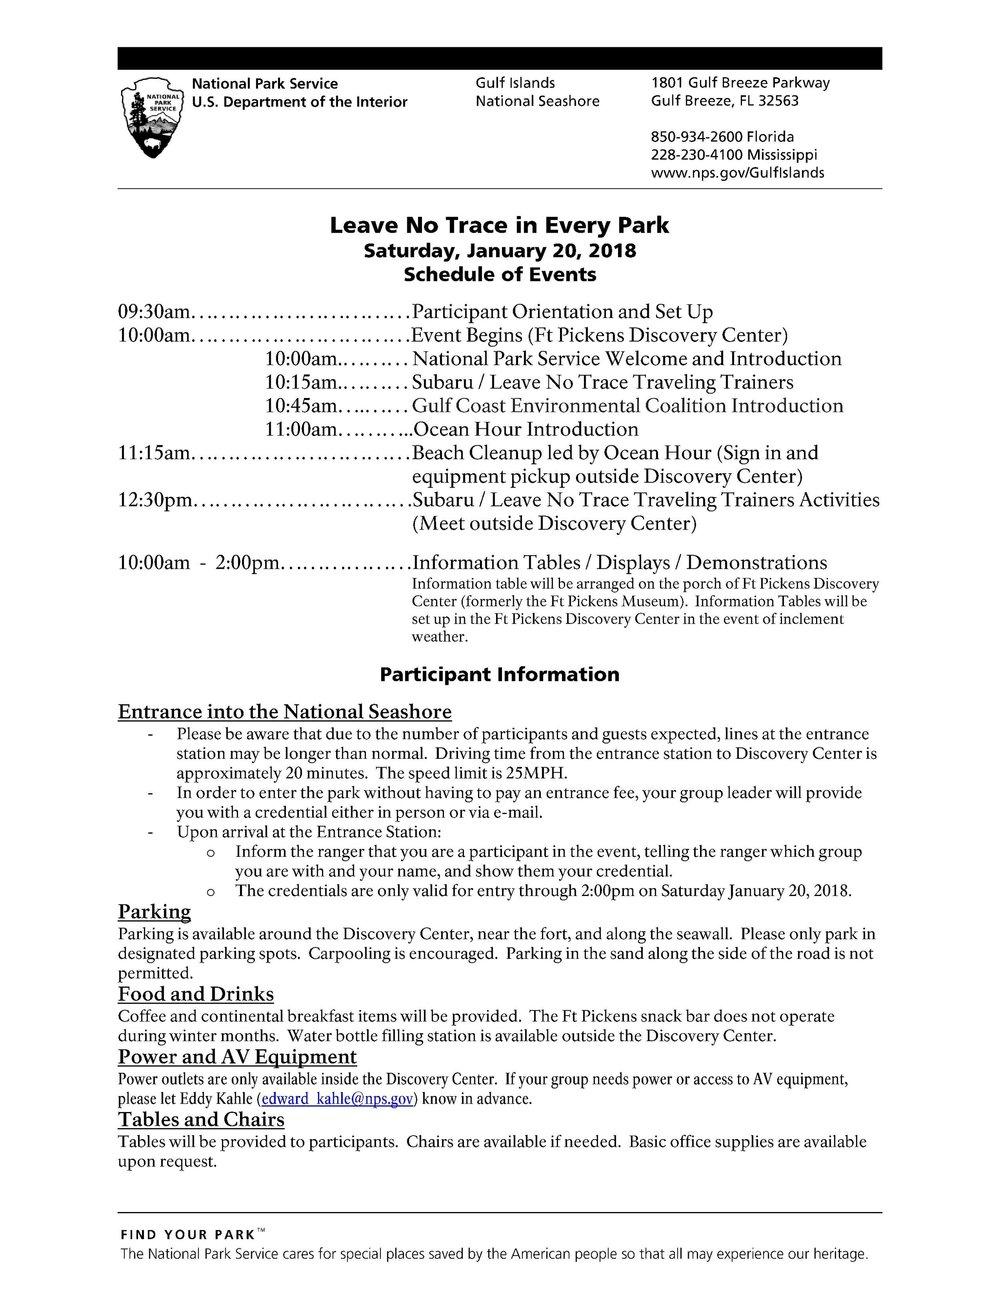 LNT Participant Info-page-001.jpg